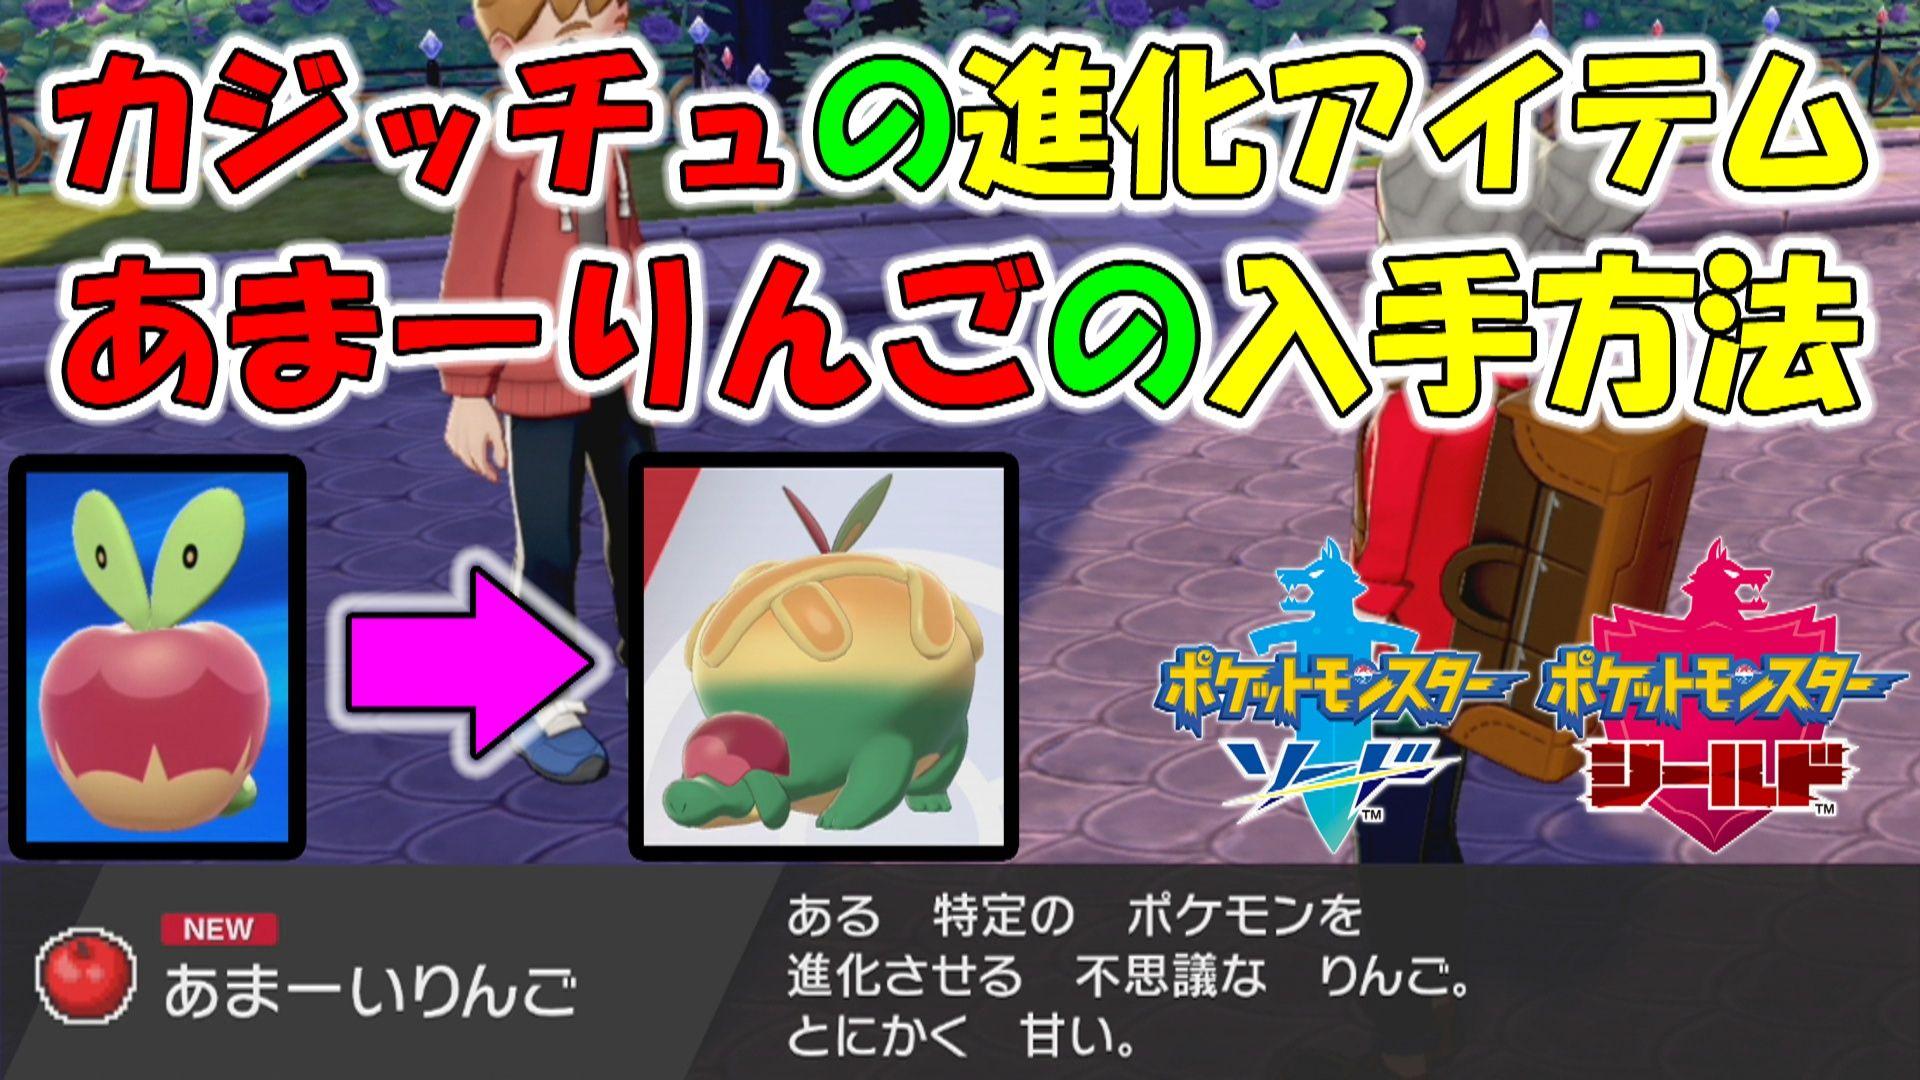 シールド ポケットモンスター 進化 ソード